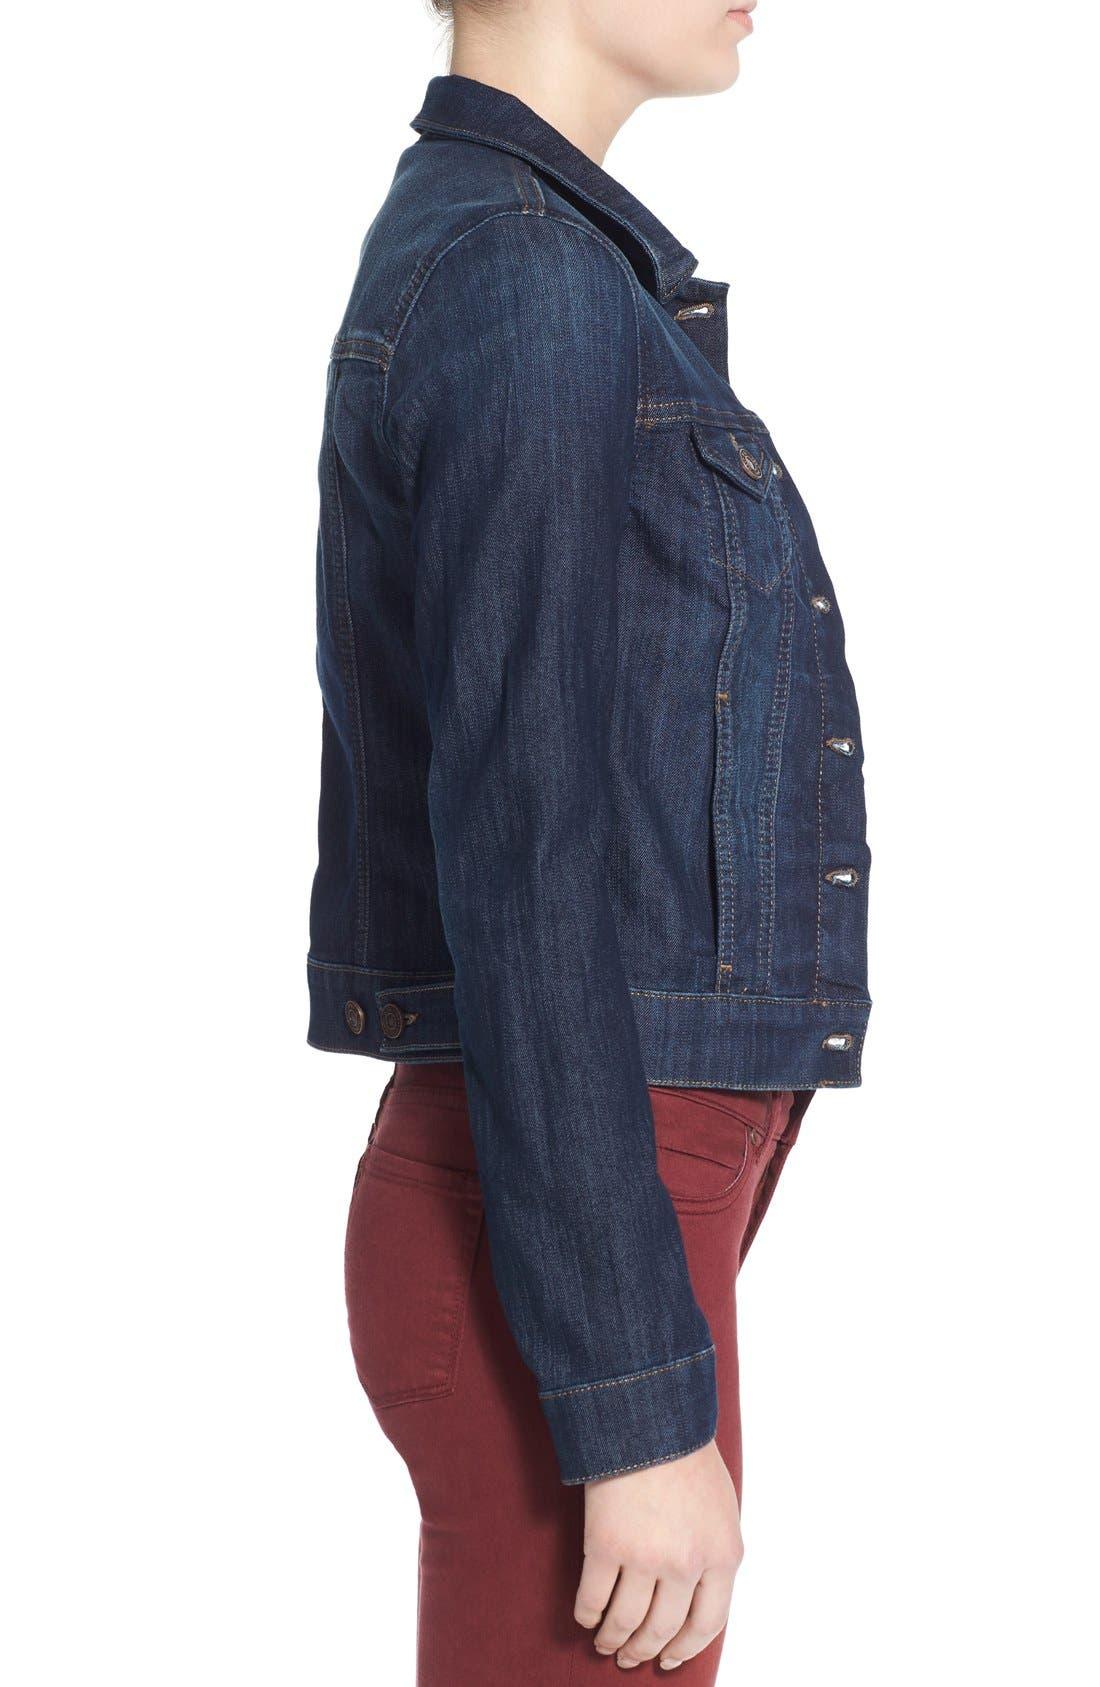 MAVI JEANS, 'Samantha' Denim Jacket, Alternate thumbnail 5, color, DARK NOLITA